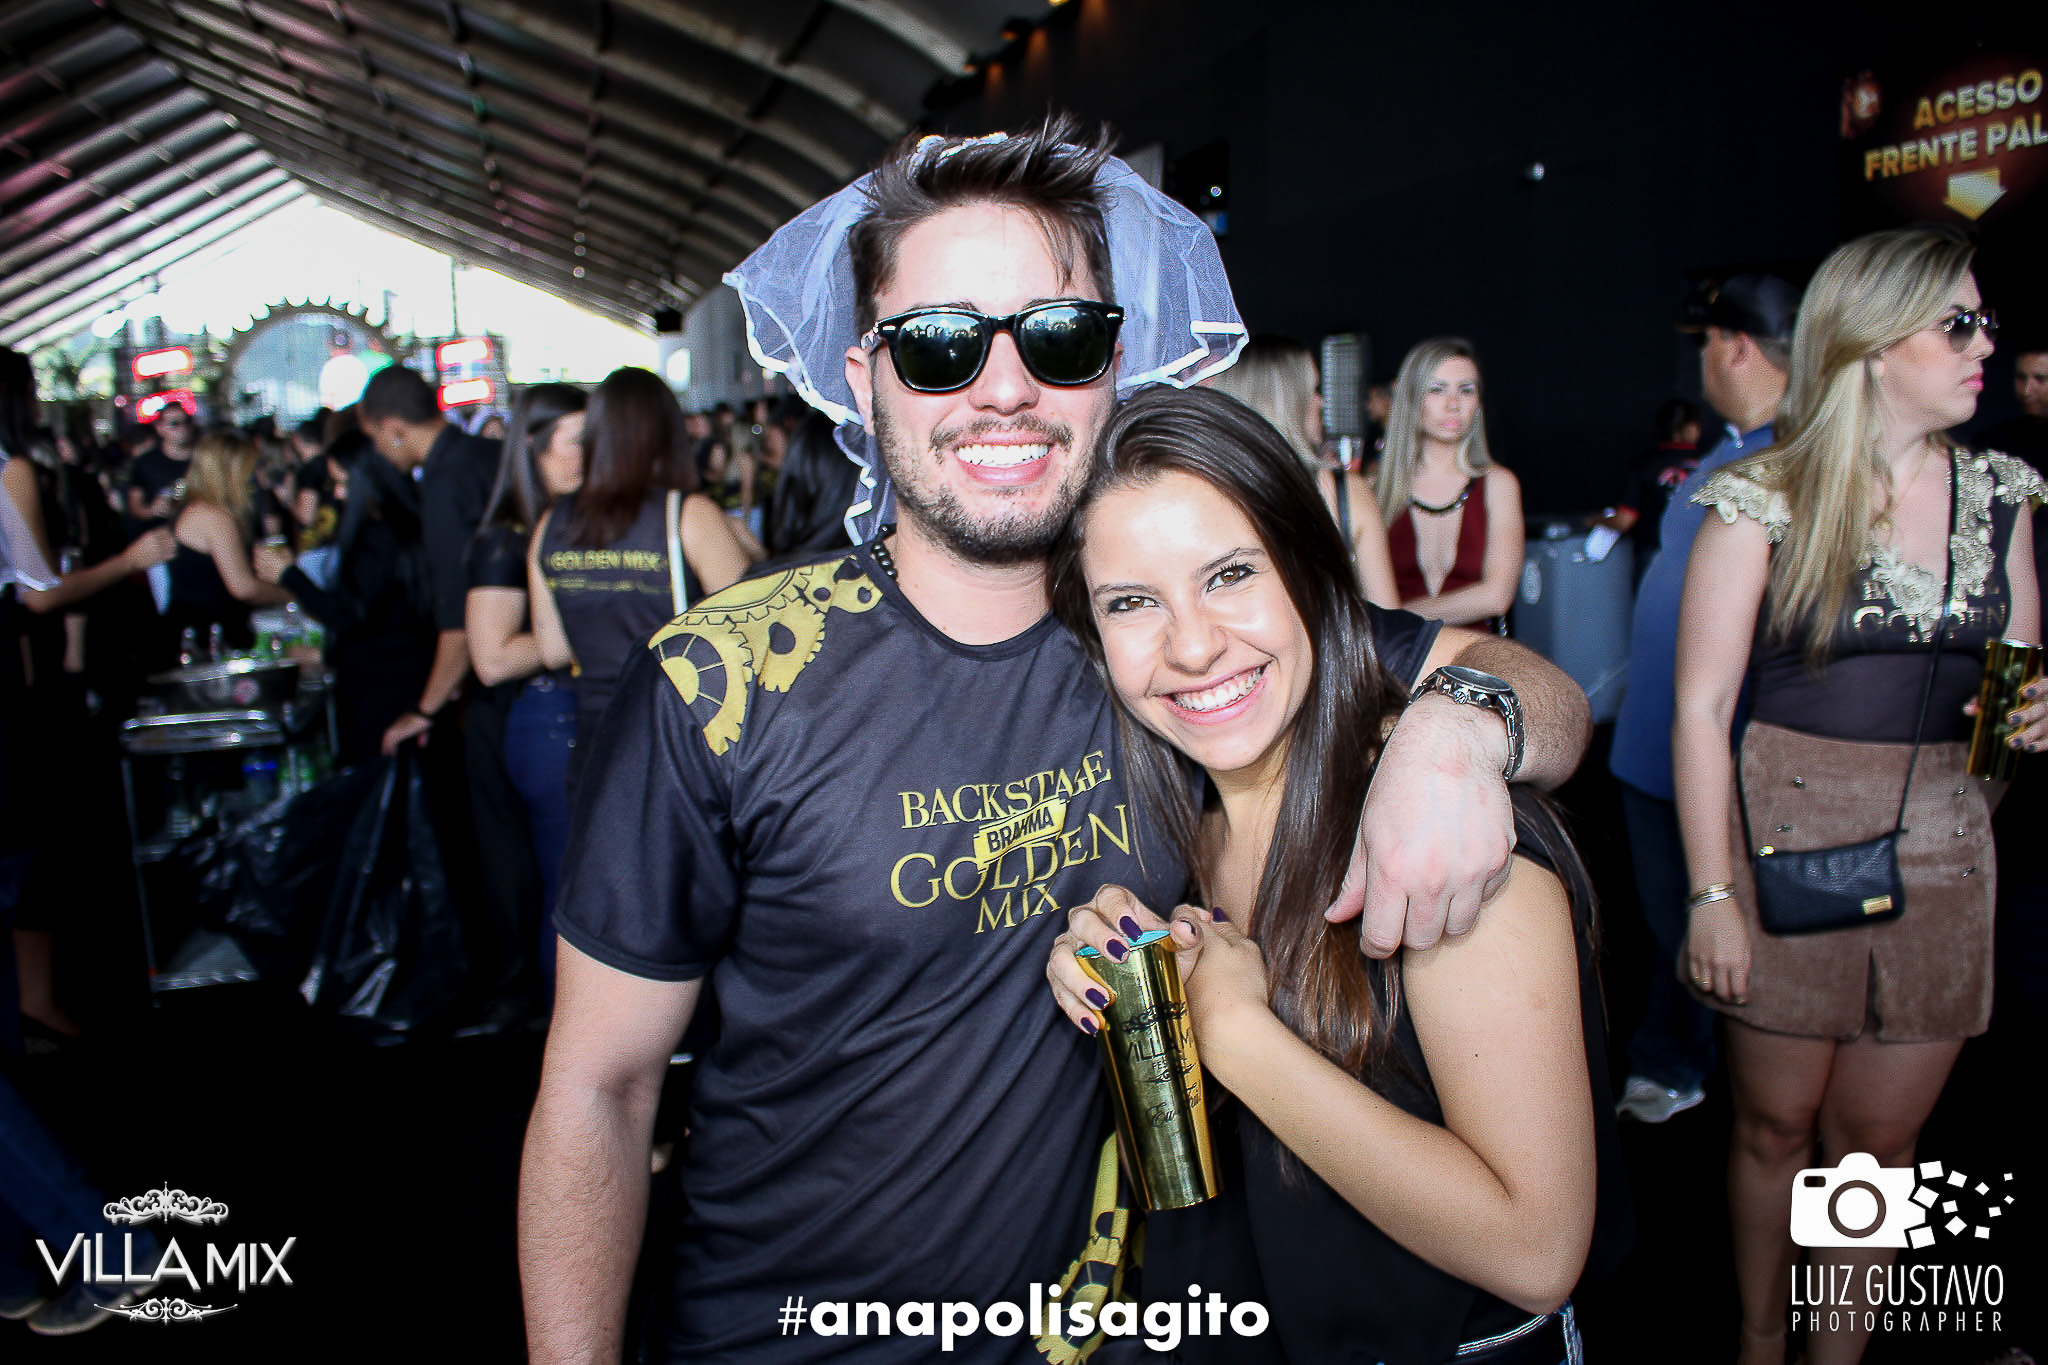 Luiz Gustavo Photographer (24 de 327)